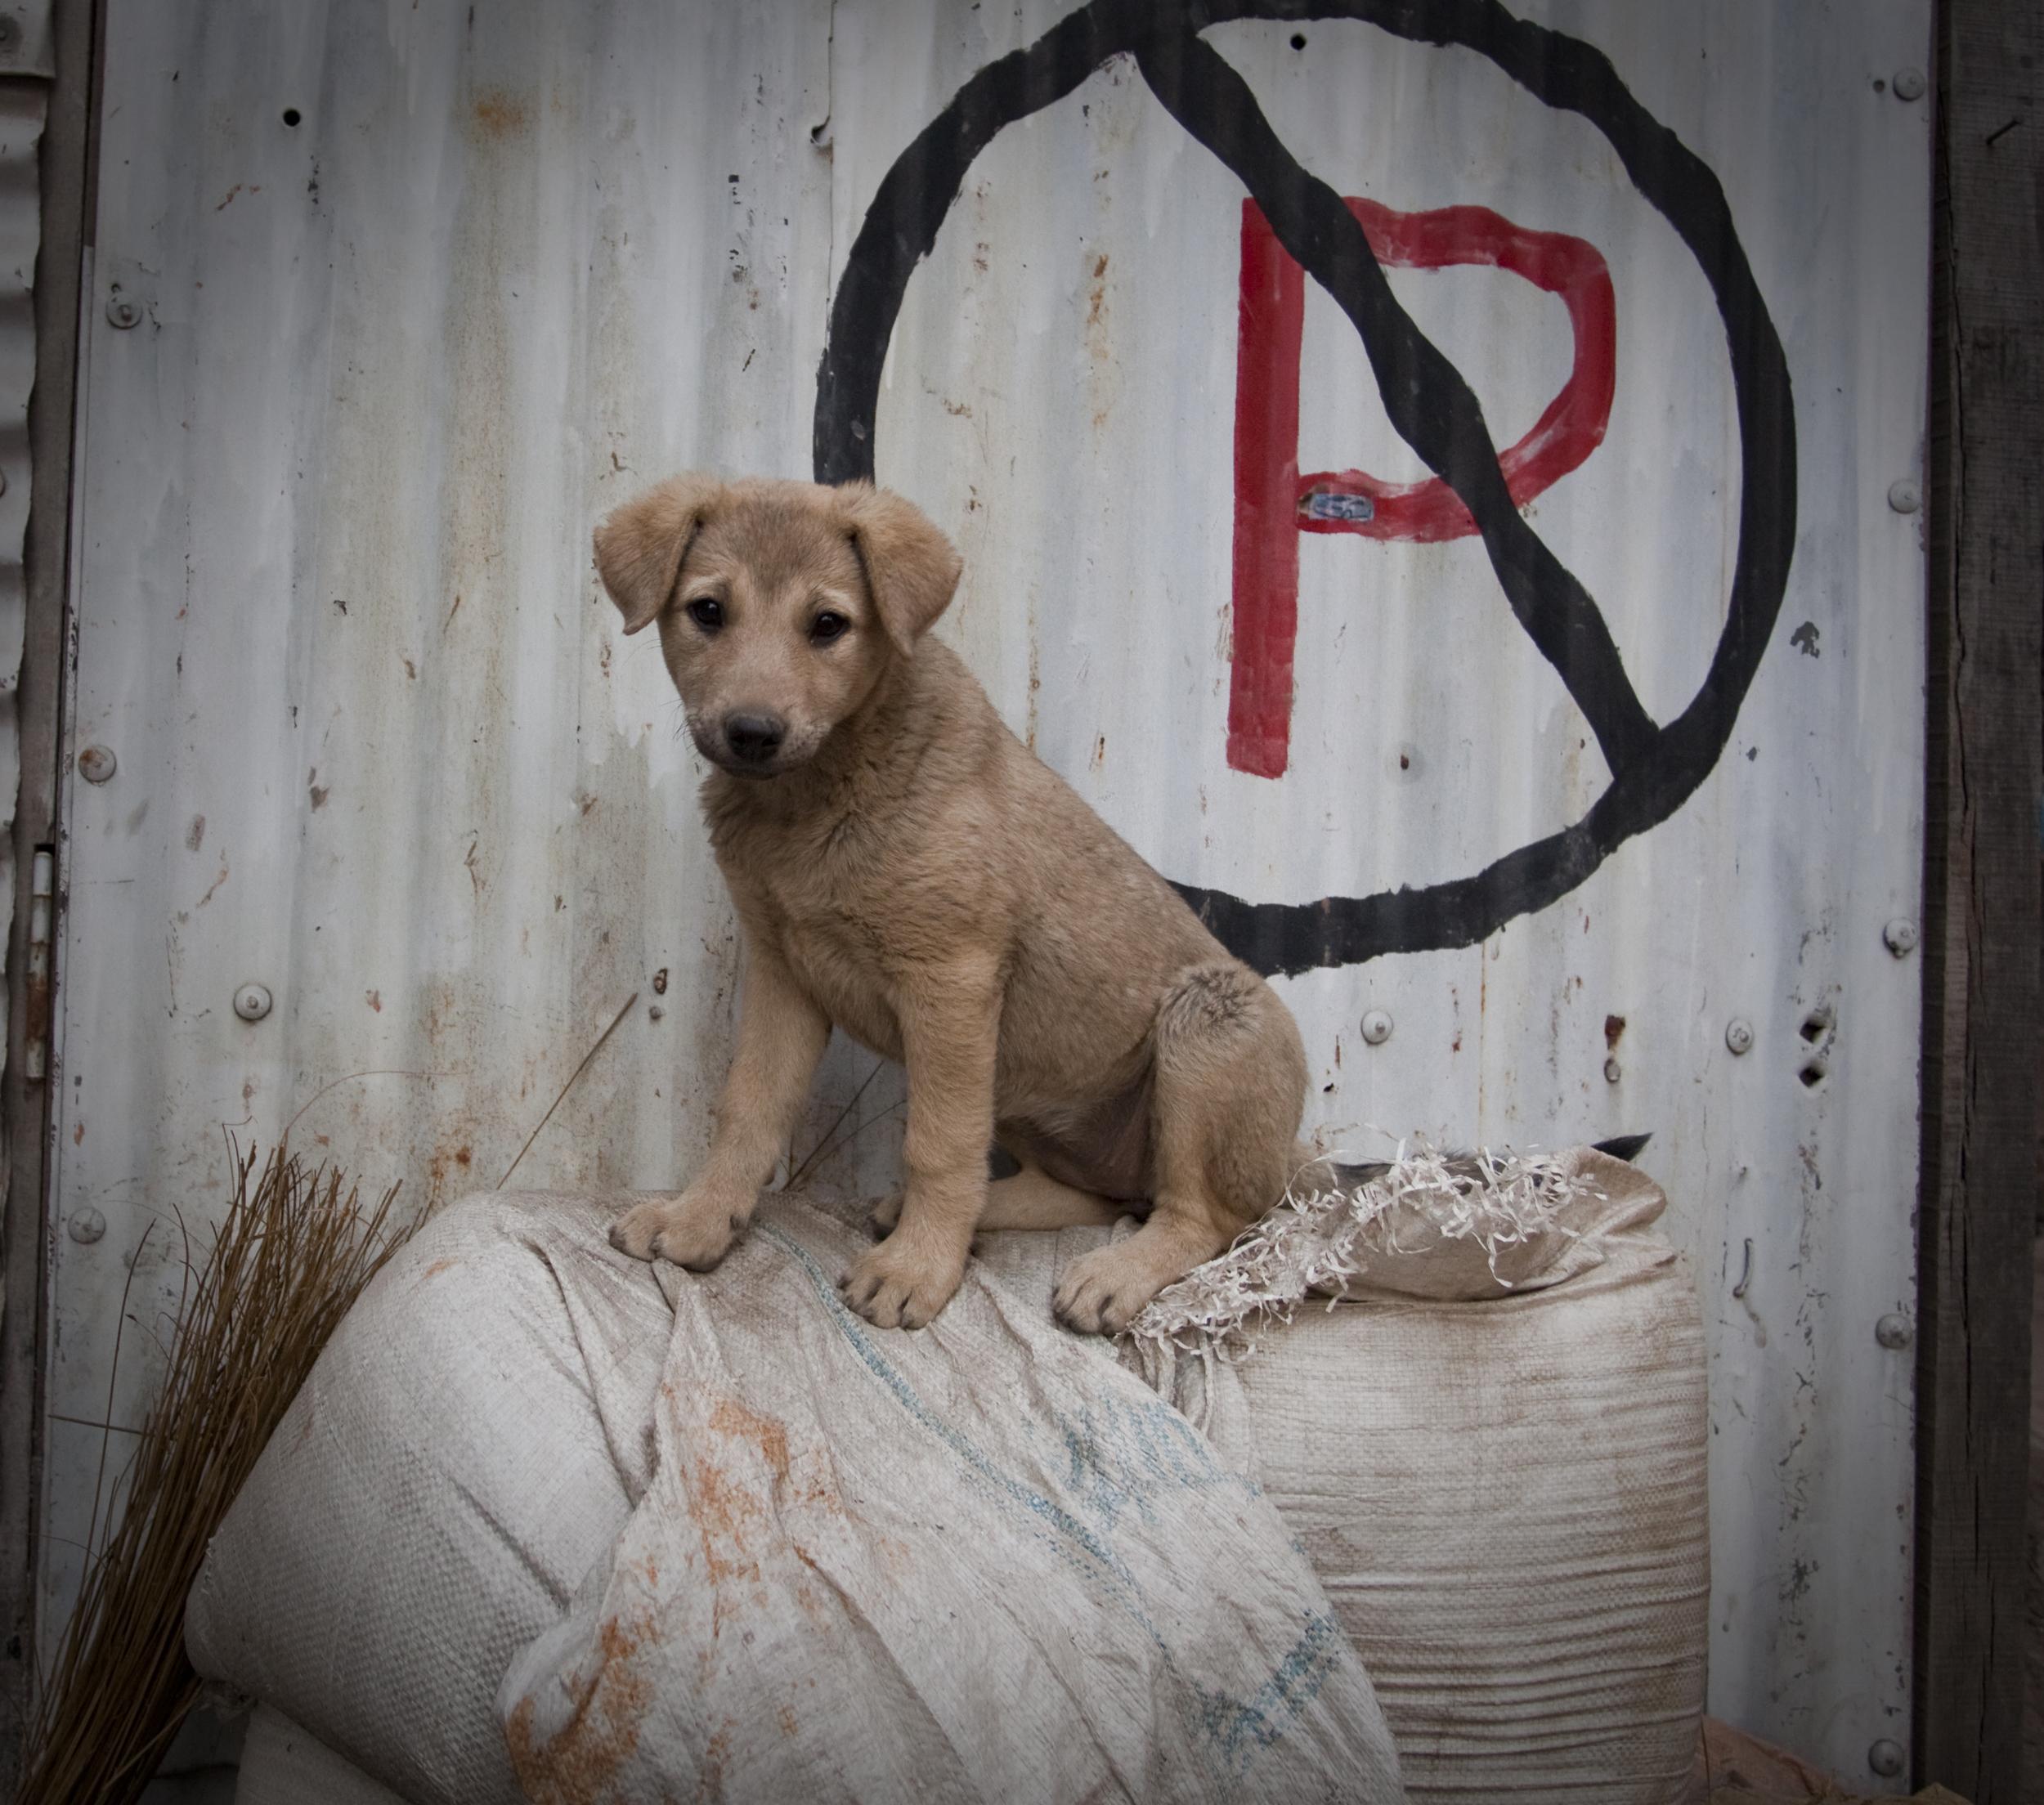 No Puppy Parking